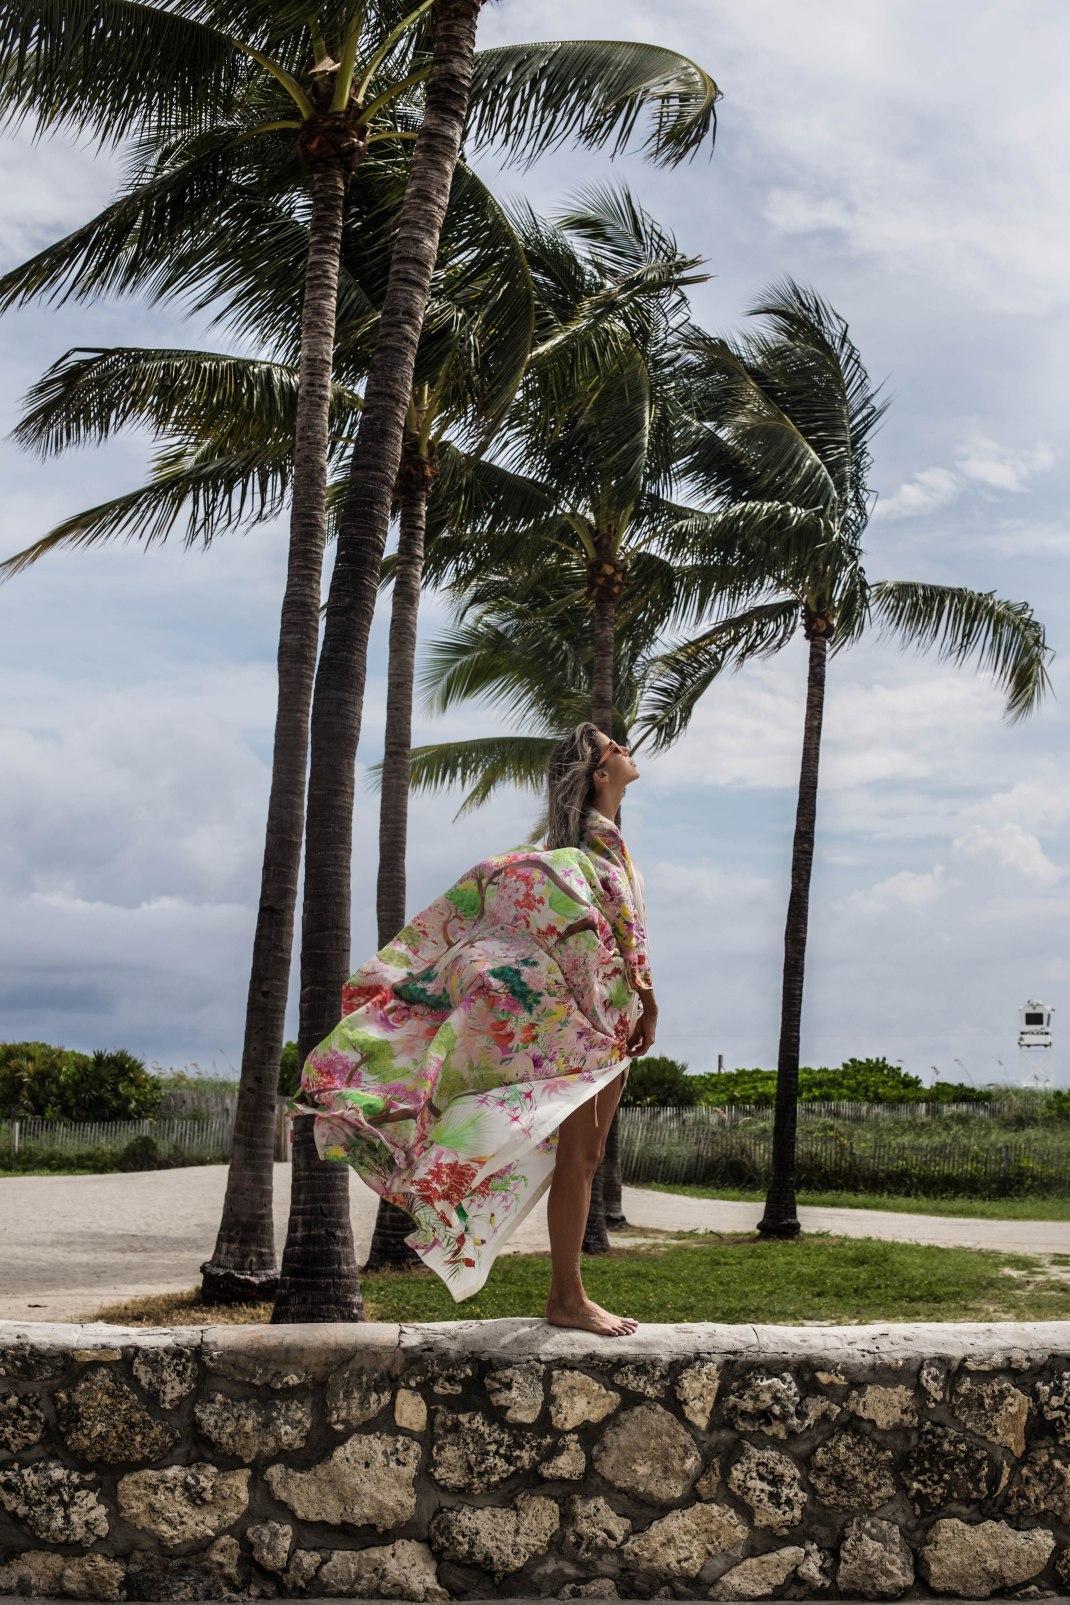 ¡Bienvenido a Miami!